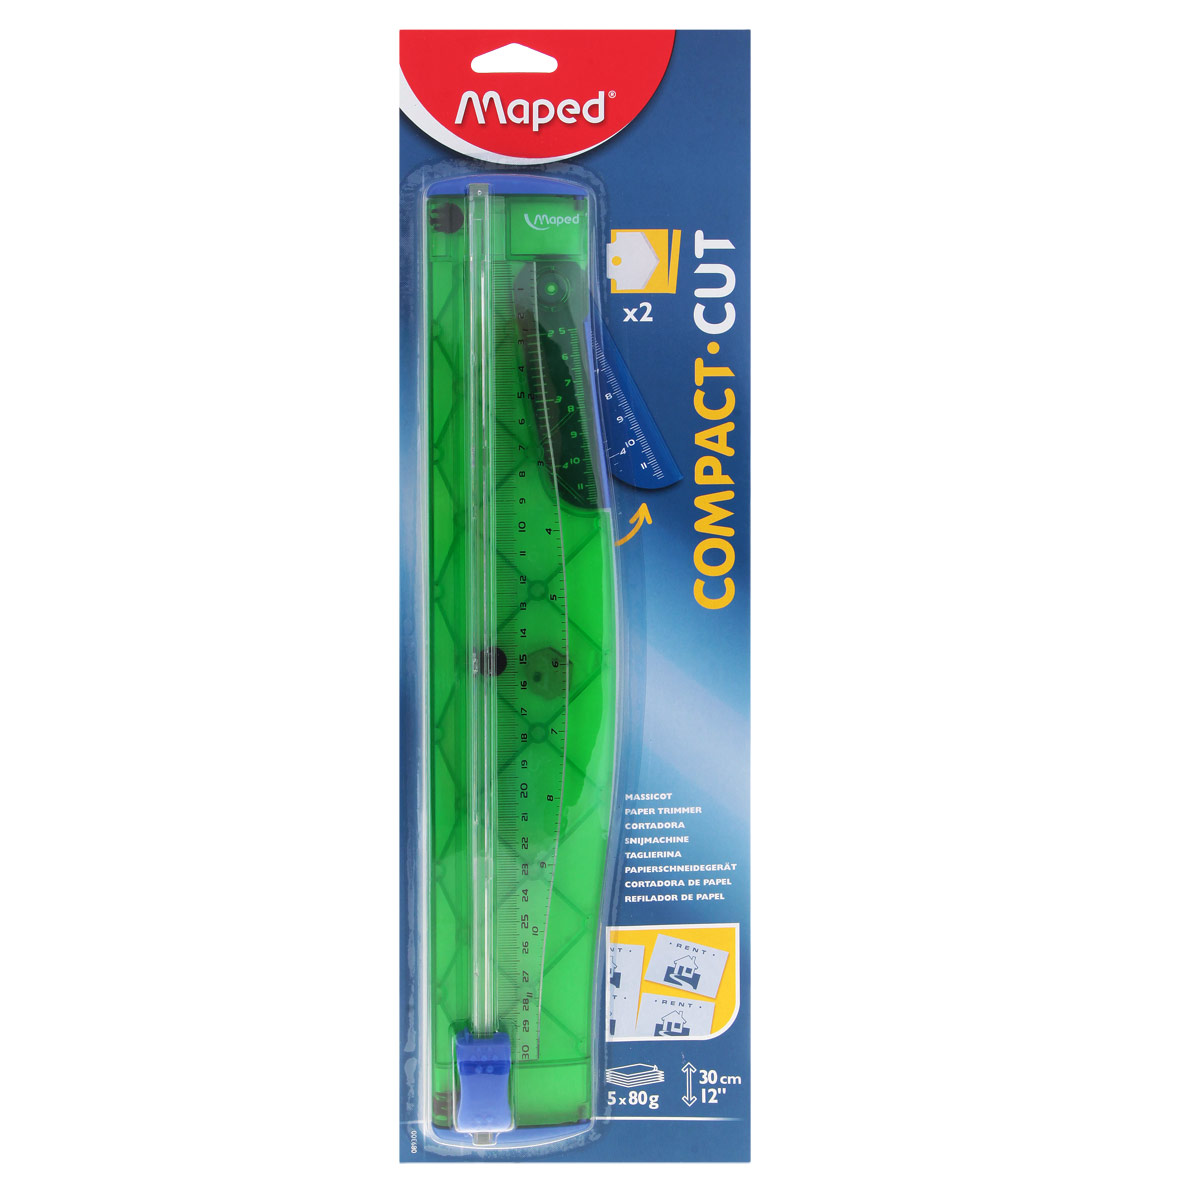 Мини-резак для бумаги Maped Compact, цвет: зеленыйFS-36052Практичный мини-резак для бумаги Compact для бумаги формата А4 с нескользящей основой удобен в использовании и снабжен полупрозрачной градуированной линейкой в сантиметрах и дюймах. Мини-резак предназначен для качественной резки листовых материалов.В комплект входит запасной нож.